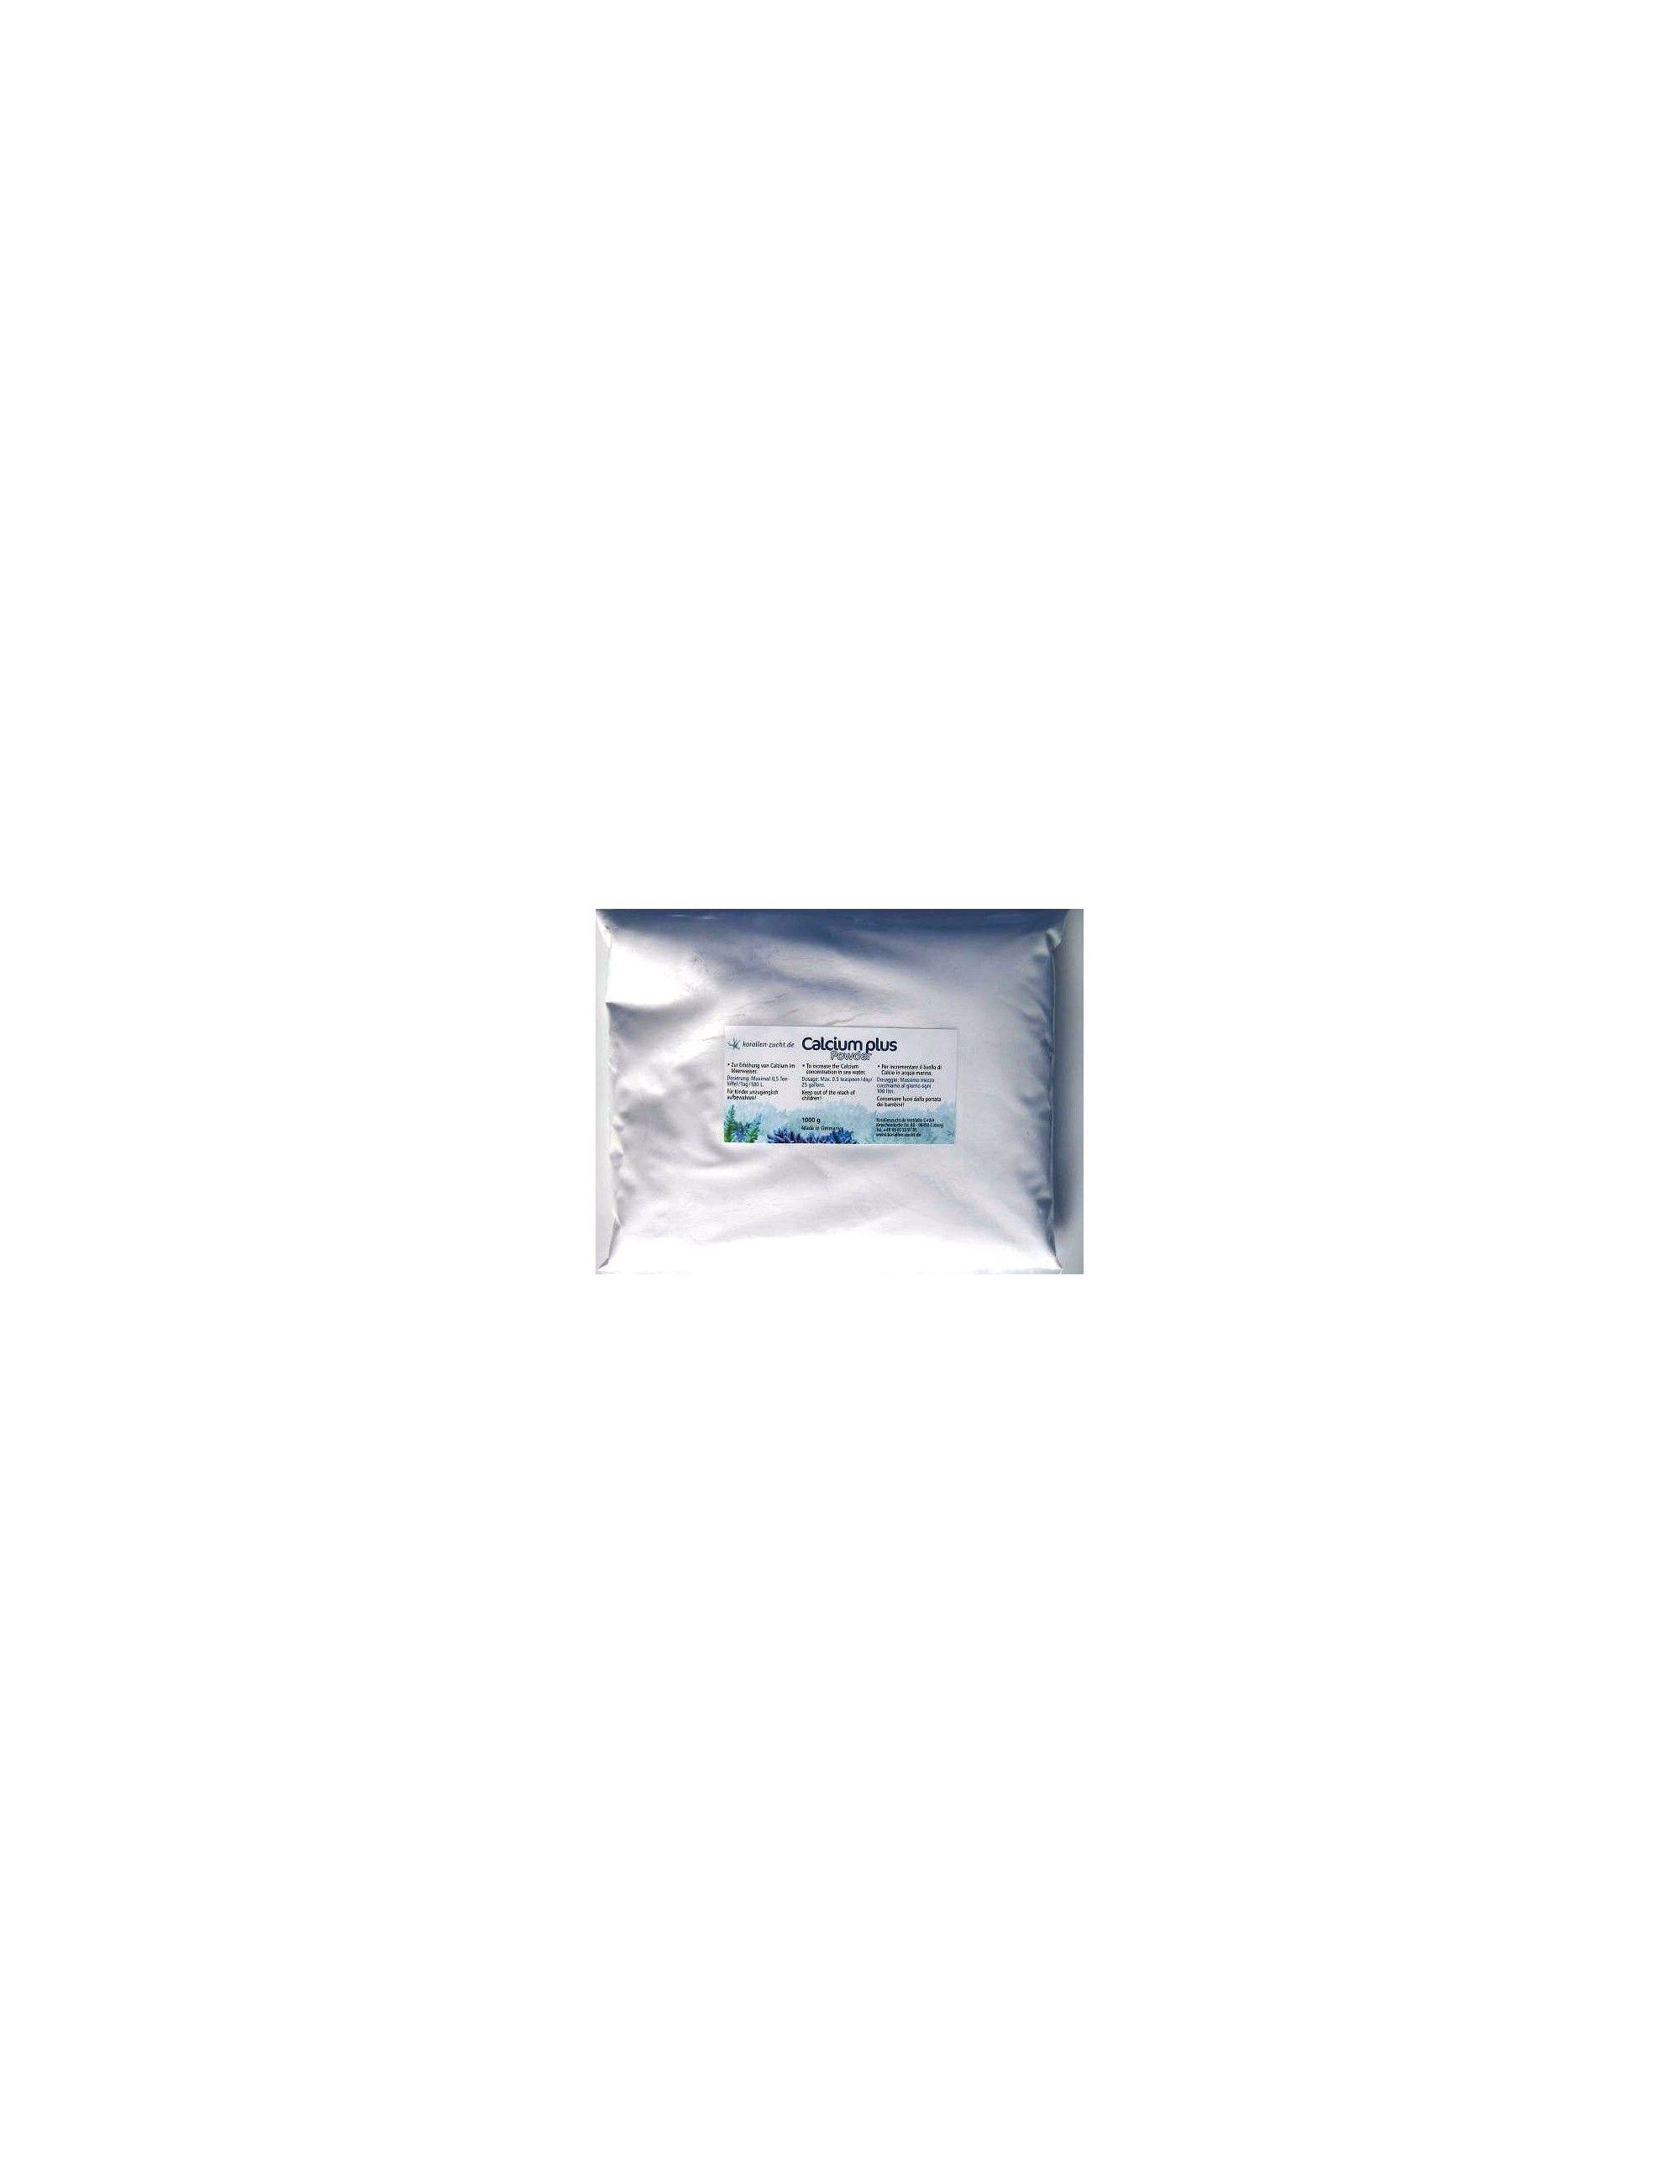 KORALLEN-ZUCHT Calcium Plus poudre 1Kg